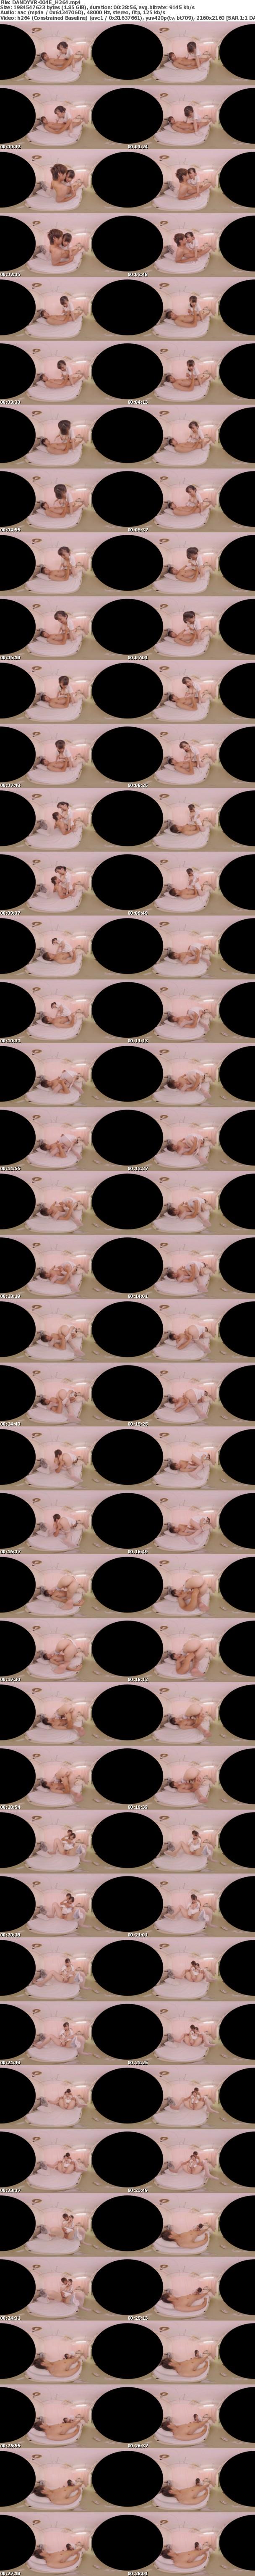 VR/3D DANDYVR-004 【VR】 長尺シチュエーション「『大きな胸でゴメンナサイ』巨乳すぎて患者を勃起させてしまう悩める看護師が手コキ/フェラ/パイズリ/SEXを院内でこっそりヤってくれた」